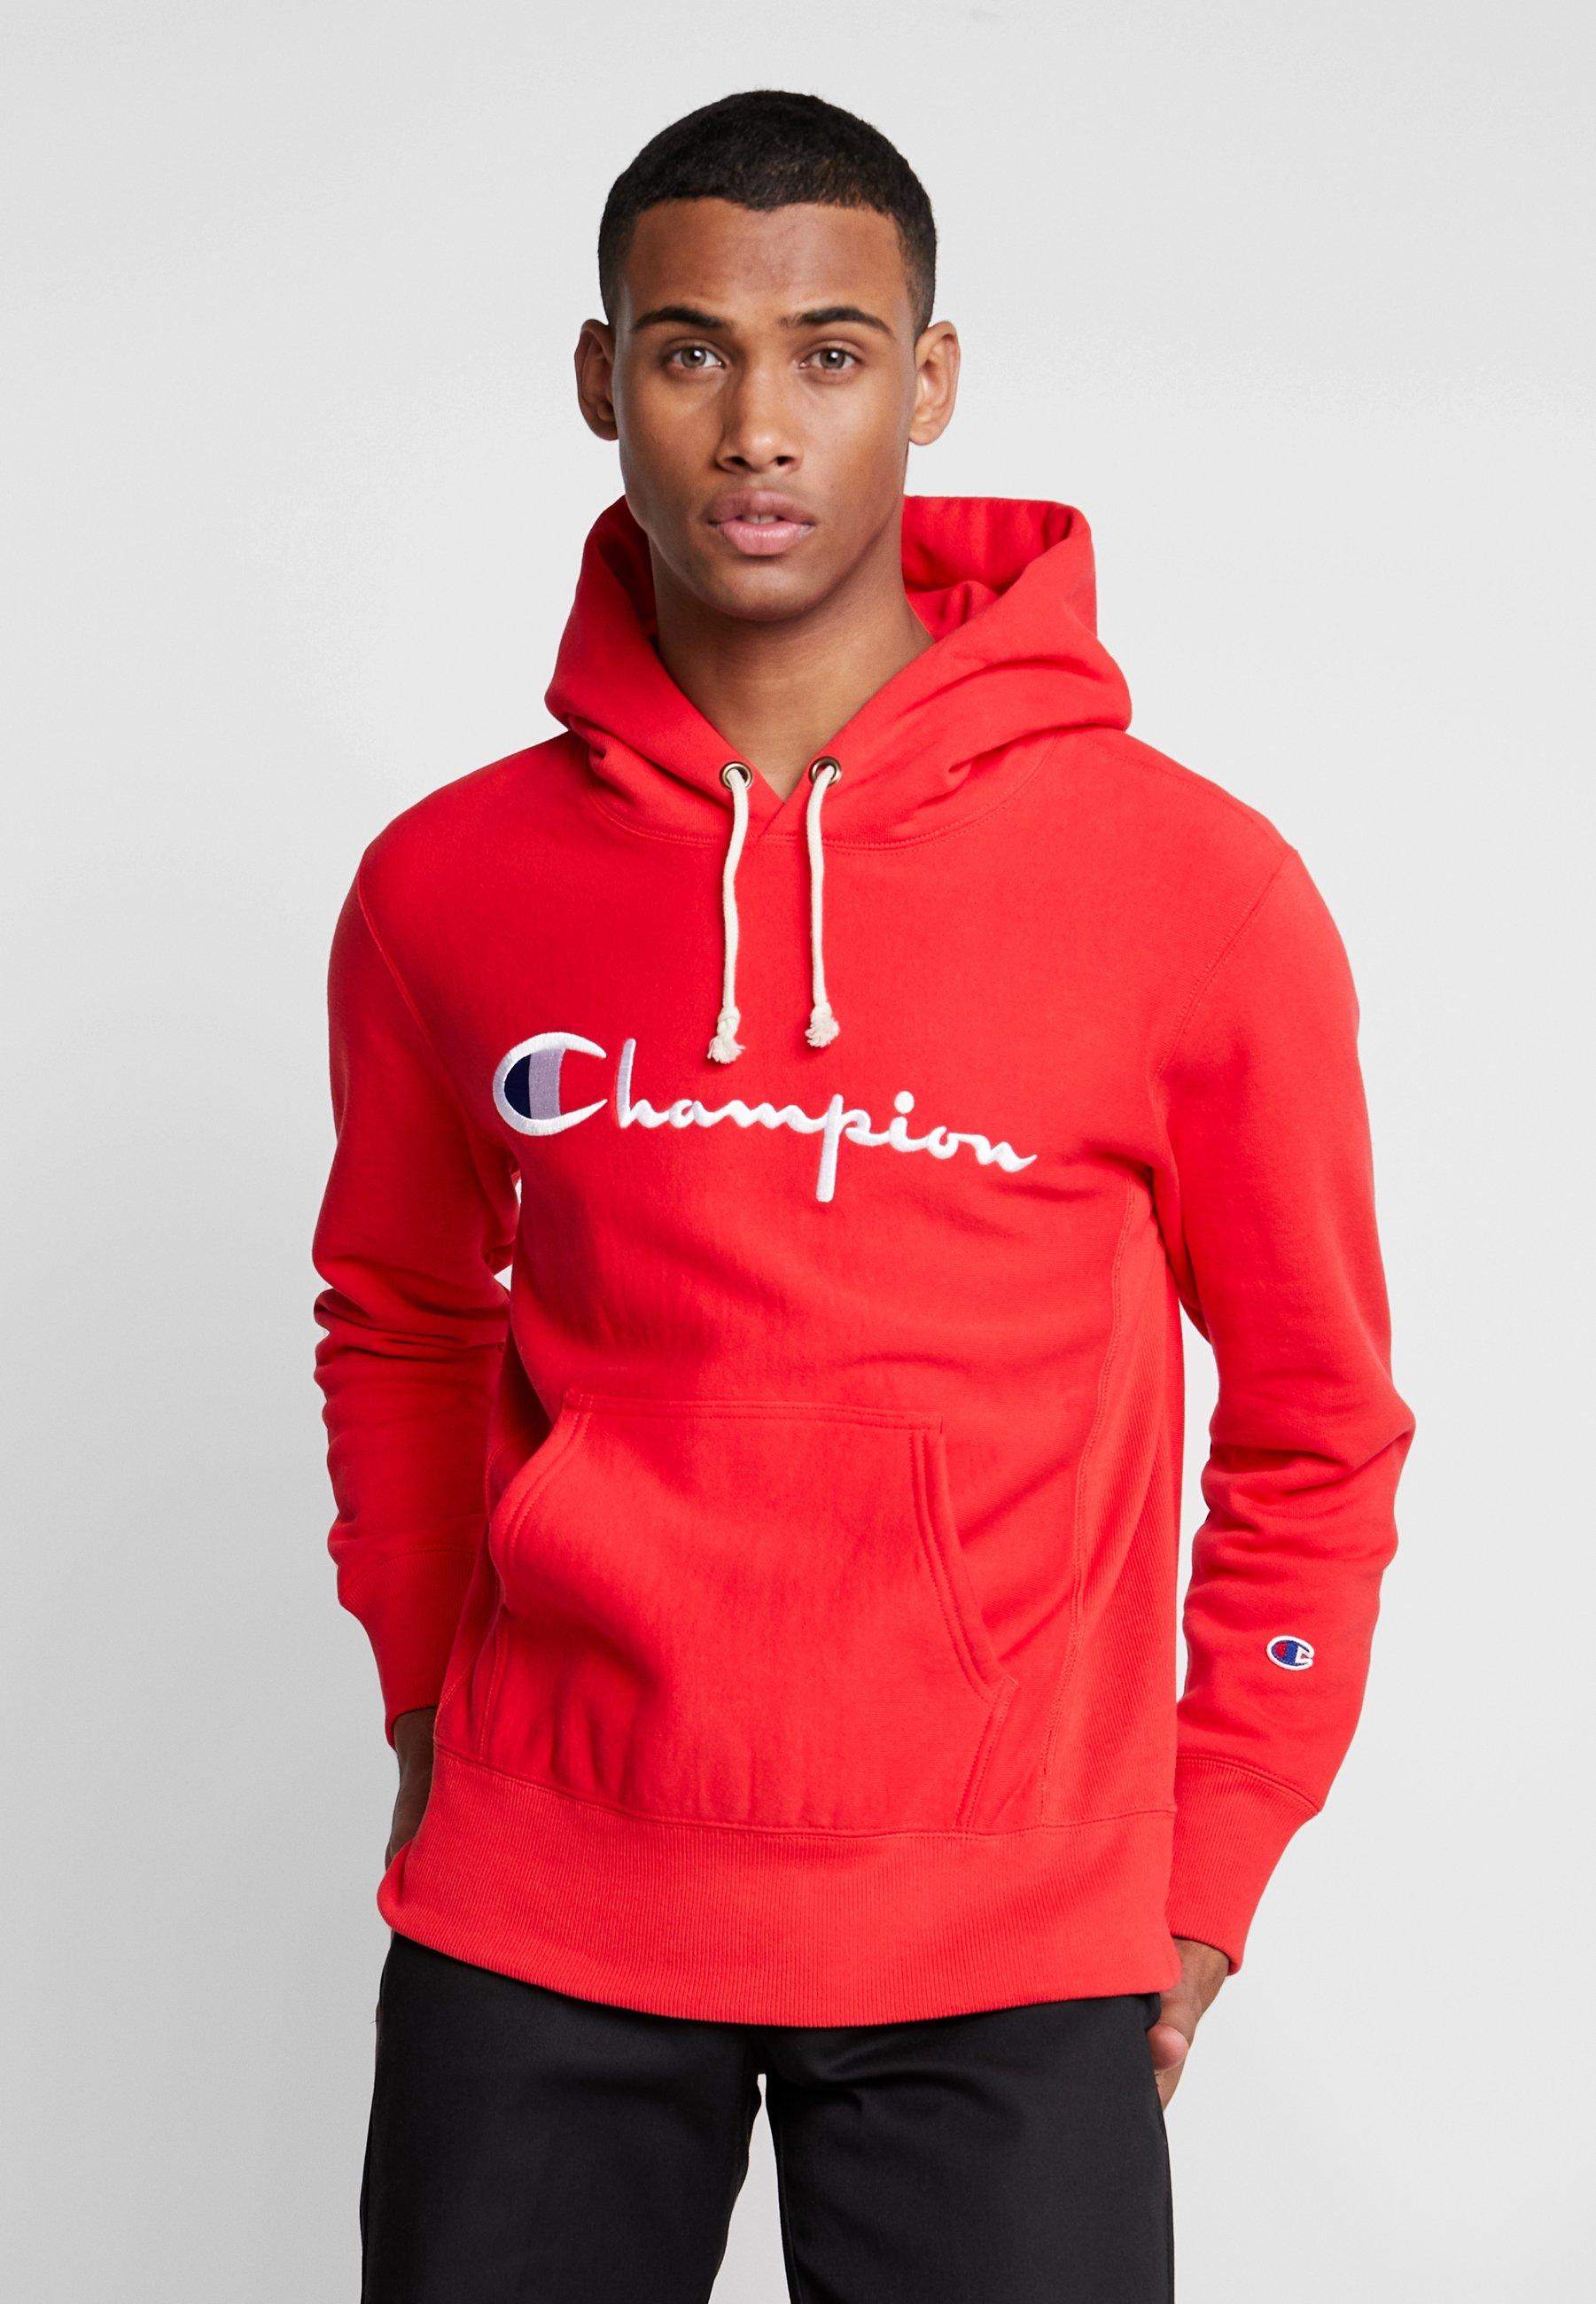 Capuche Champion Weave À Red Reverse HoodedSweat SzMVUpq